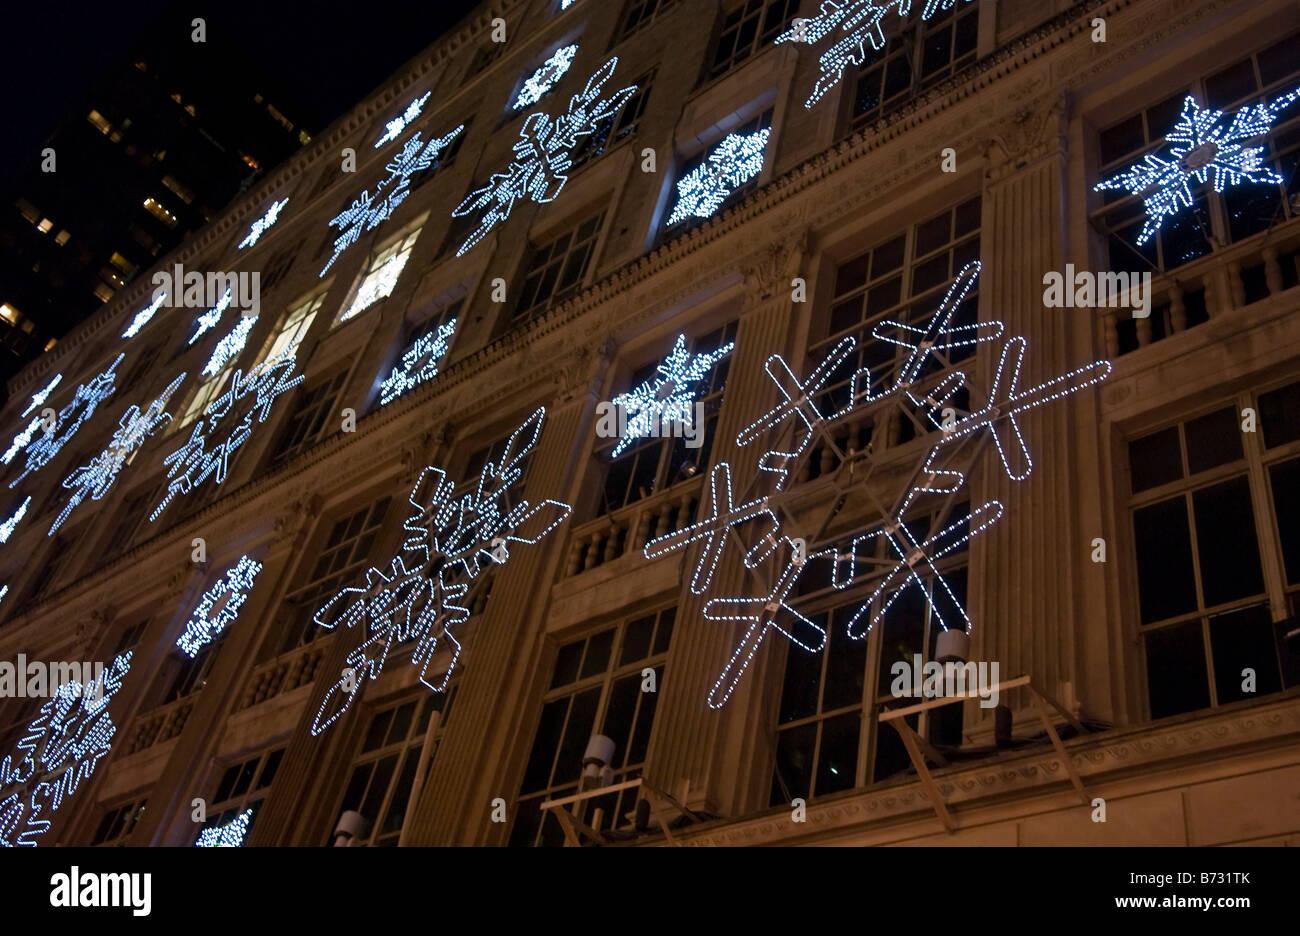 rockefeller center snowflake light show christmas stock image - Rockefeller Christmas Show